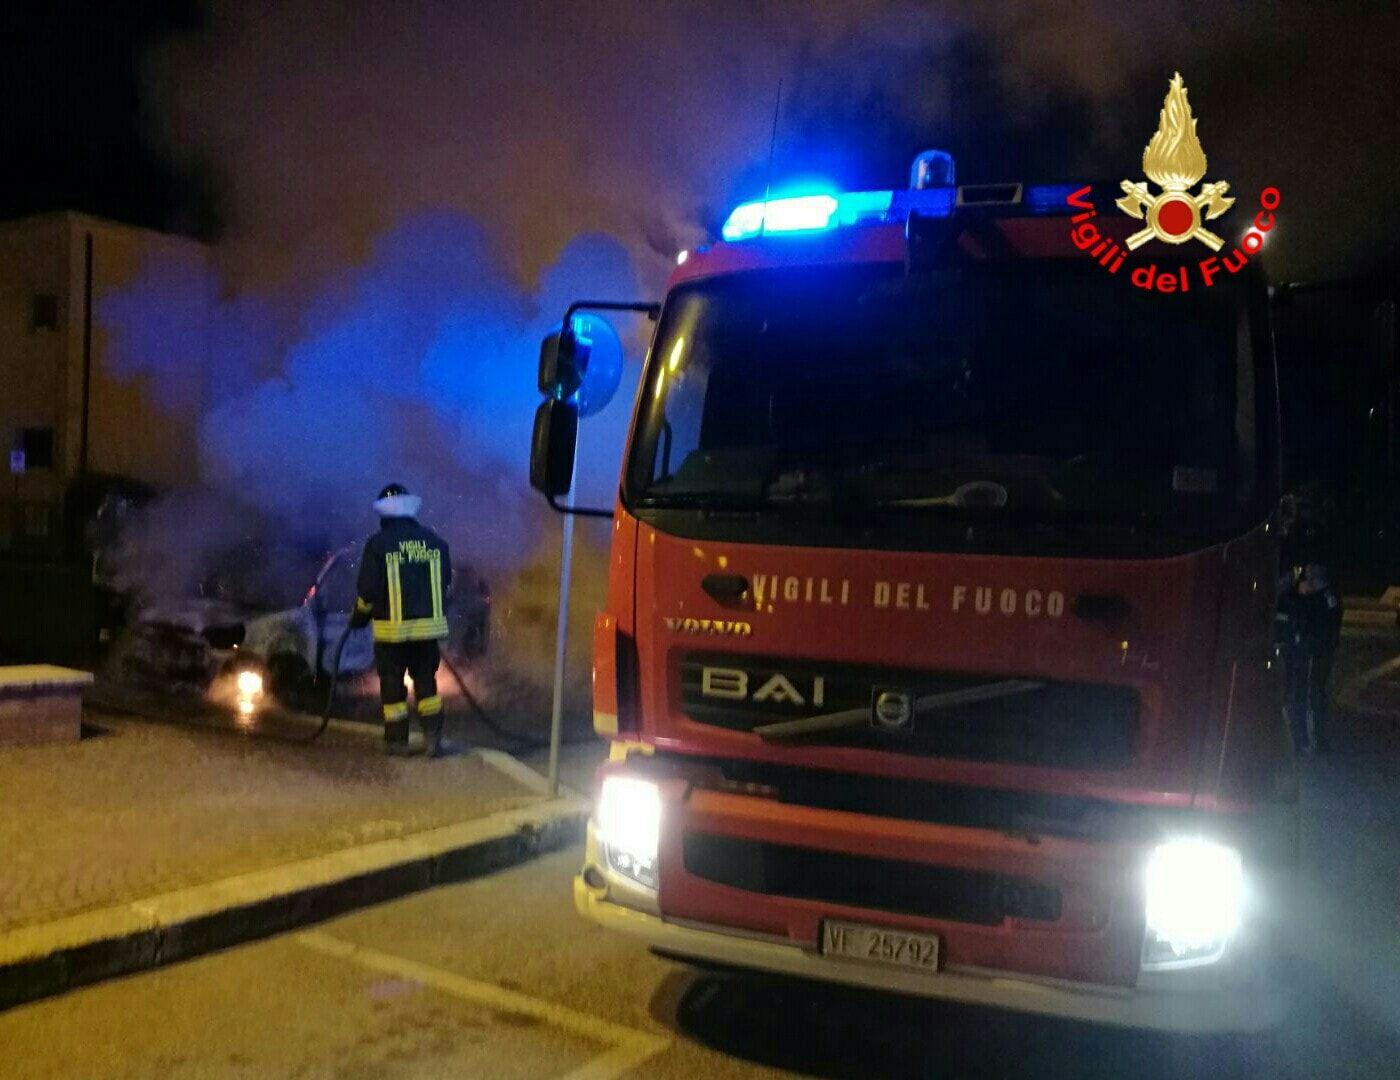 CIRIE' - Piromane in azione anche a Natale: bruciate due auto